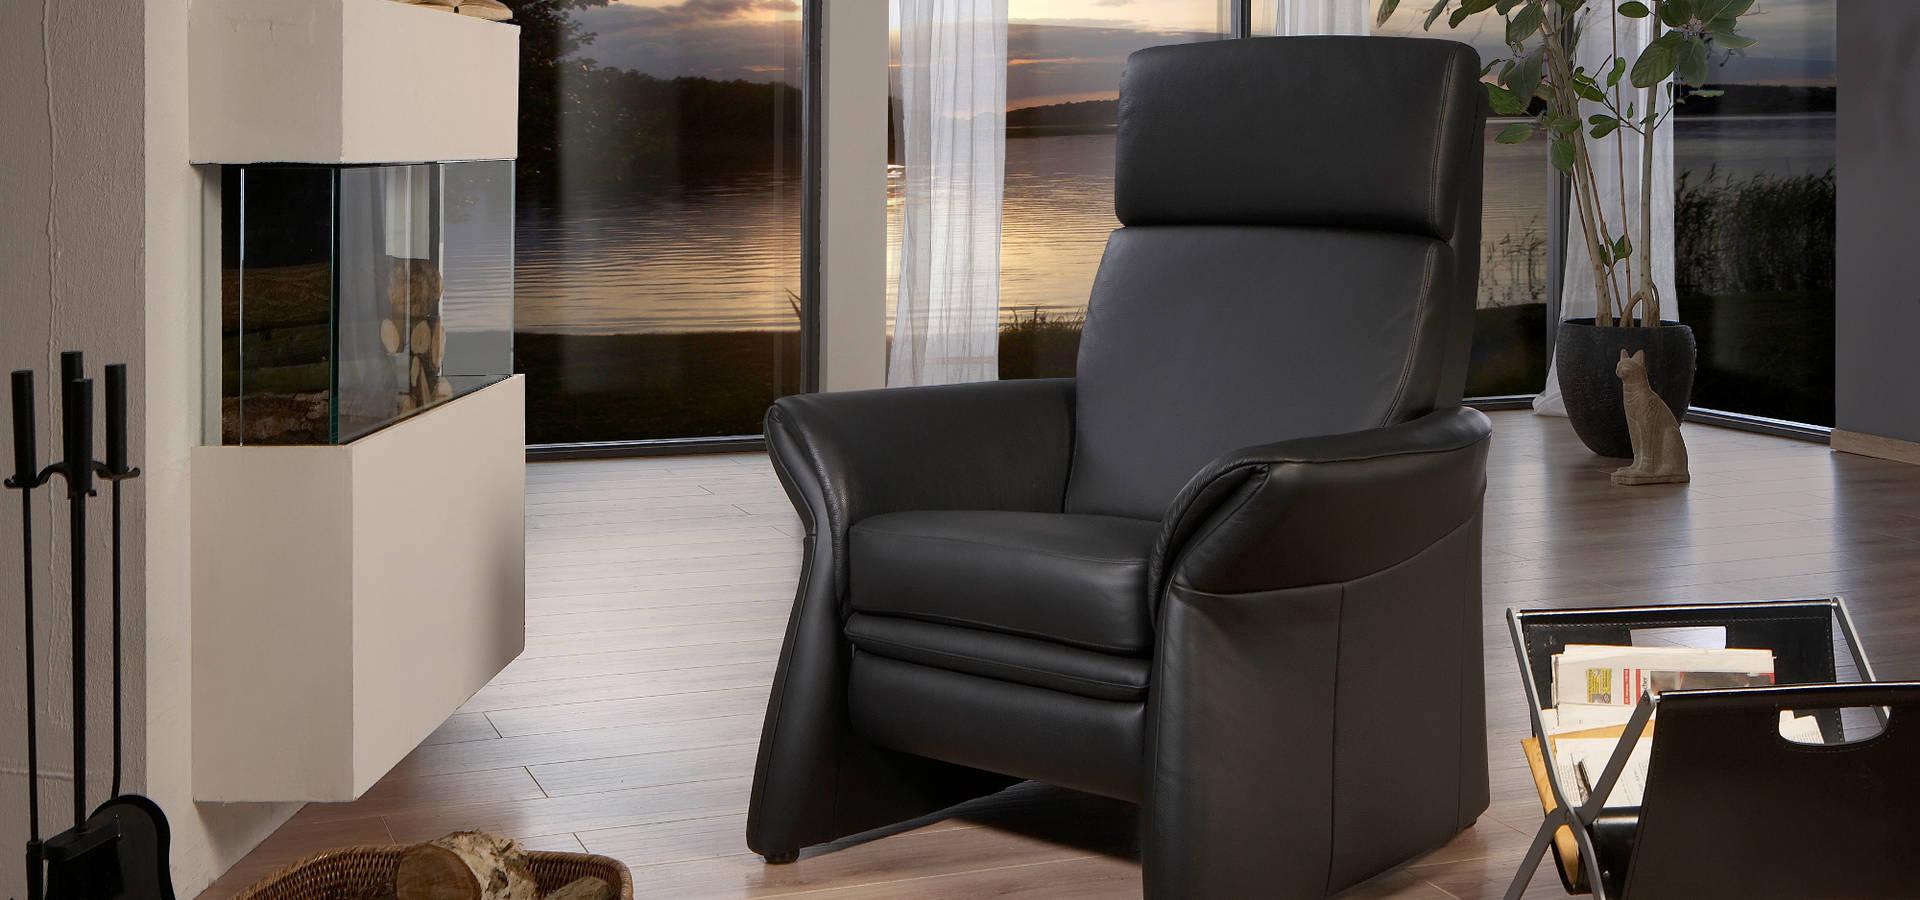 schlafsofa mit matratze von sessel di sawazki und neufeld gbr homify. Black Bedroom Furniture Sets. Home Design Ideas